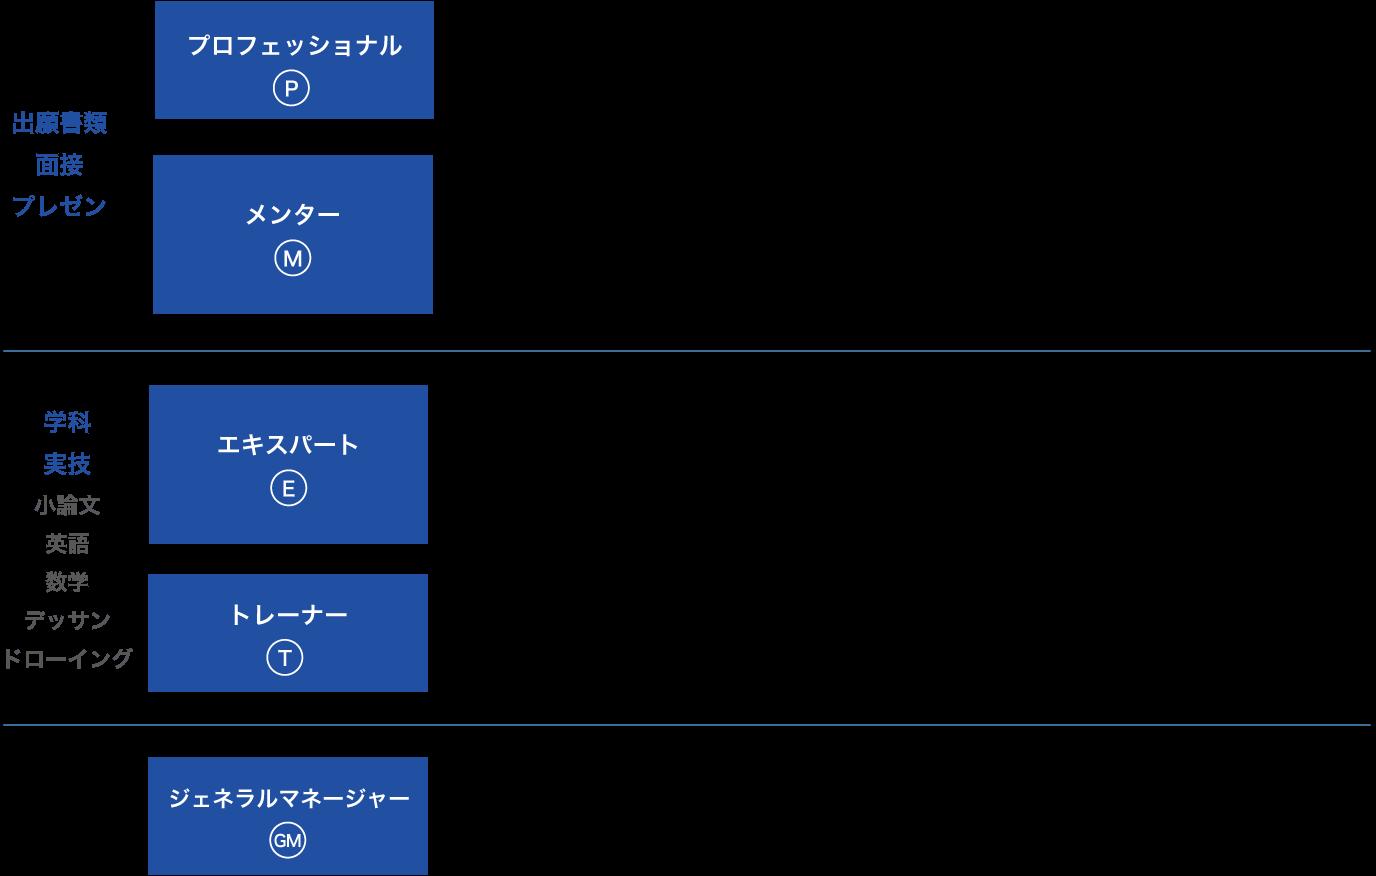 プロフェッショナル・メンター・トレーナー